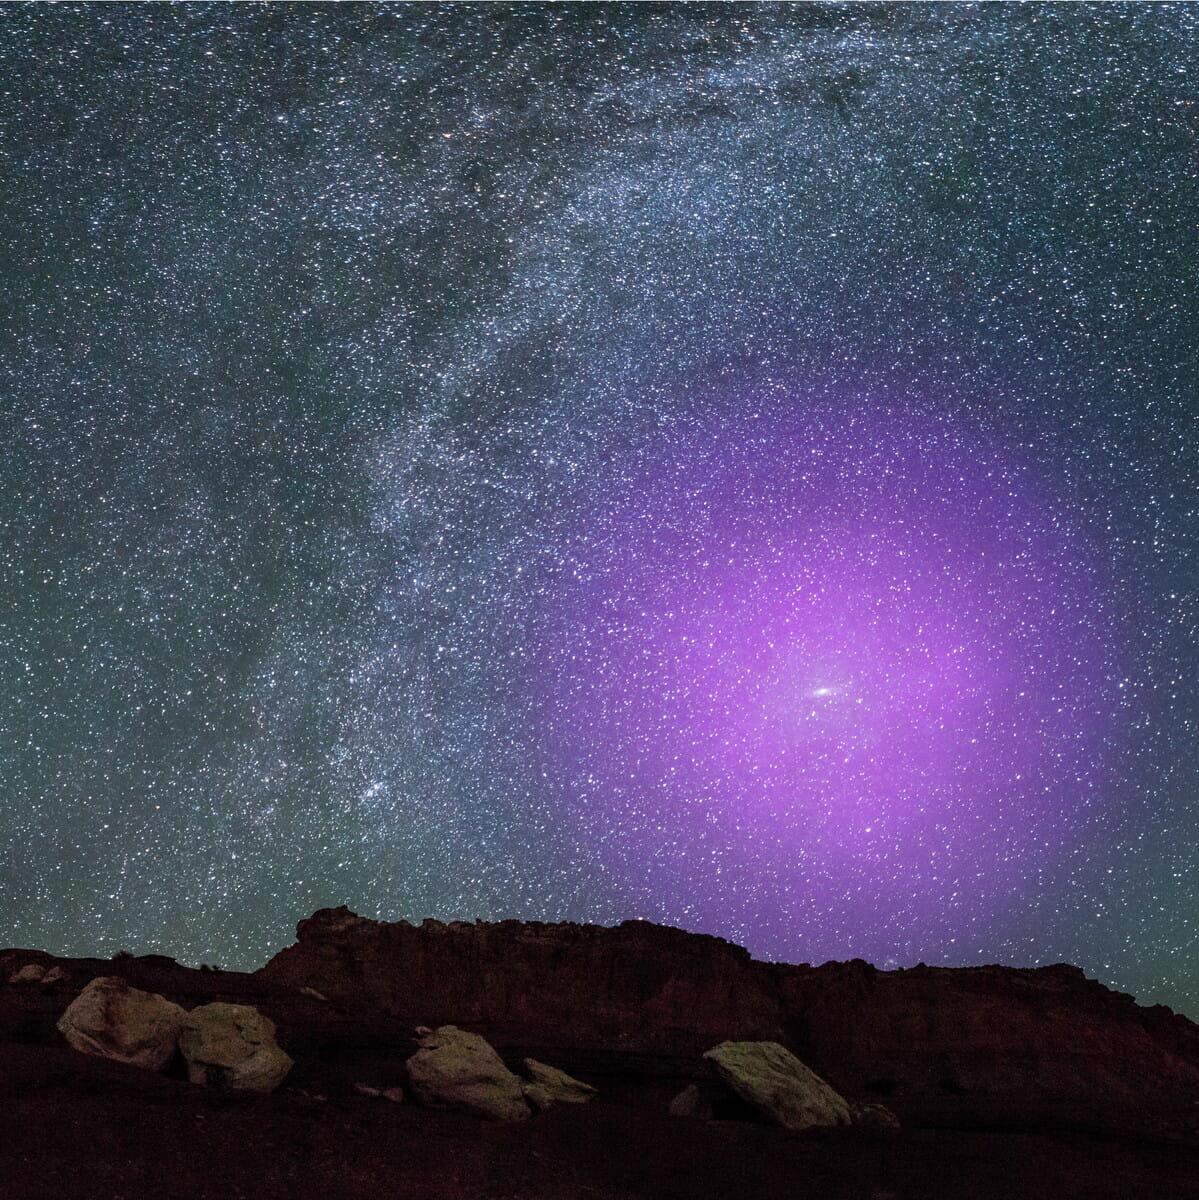 アンドロメダ銀河のハロー。ハローの中心付近にあるのがアンドロメダ銀河